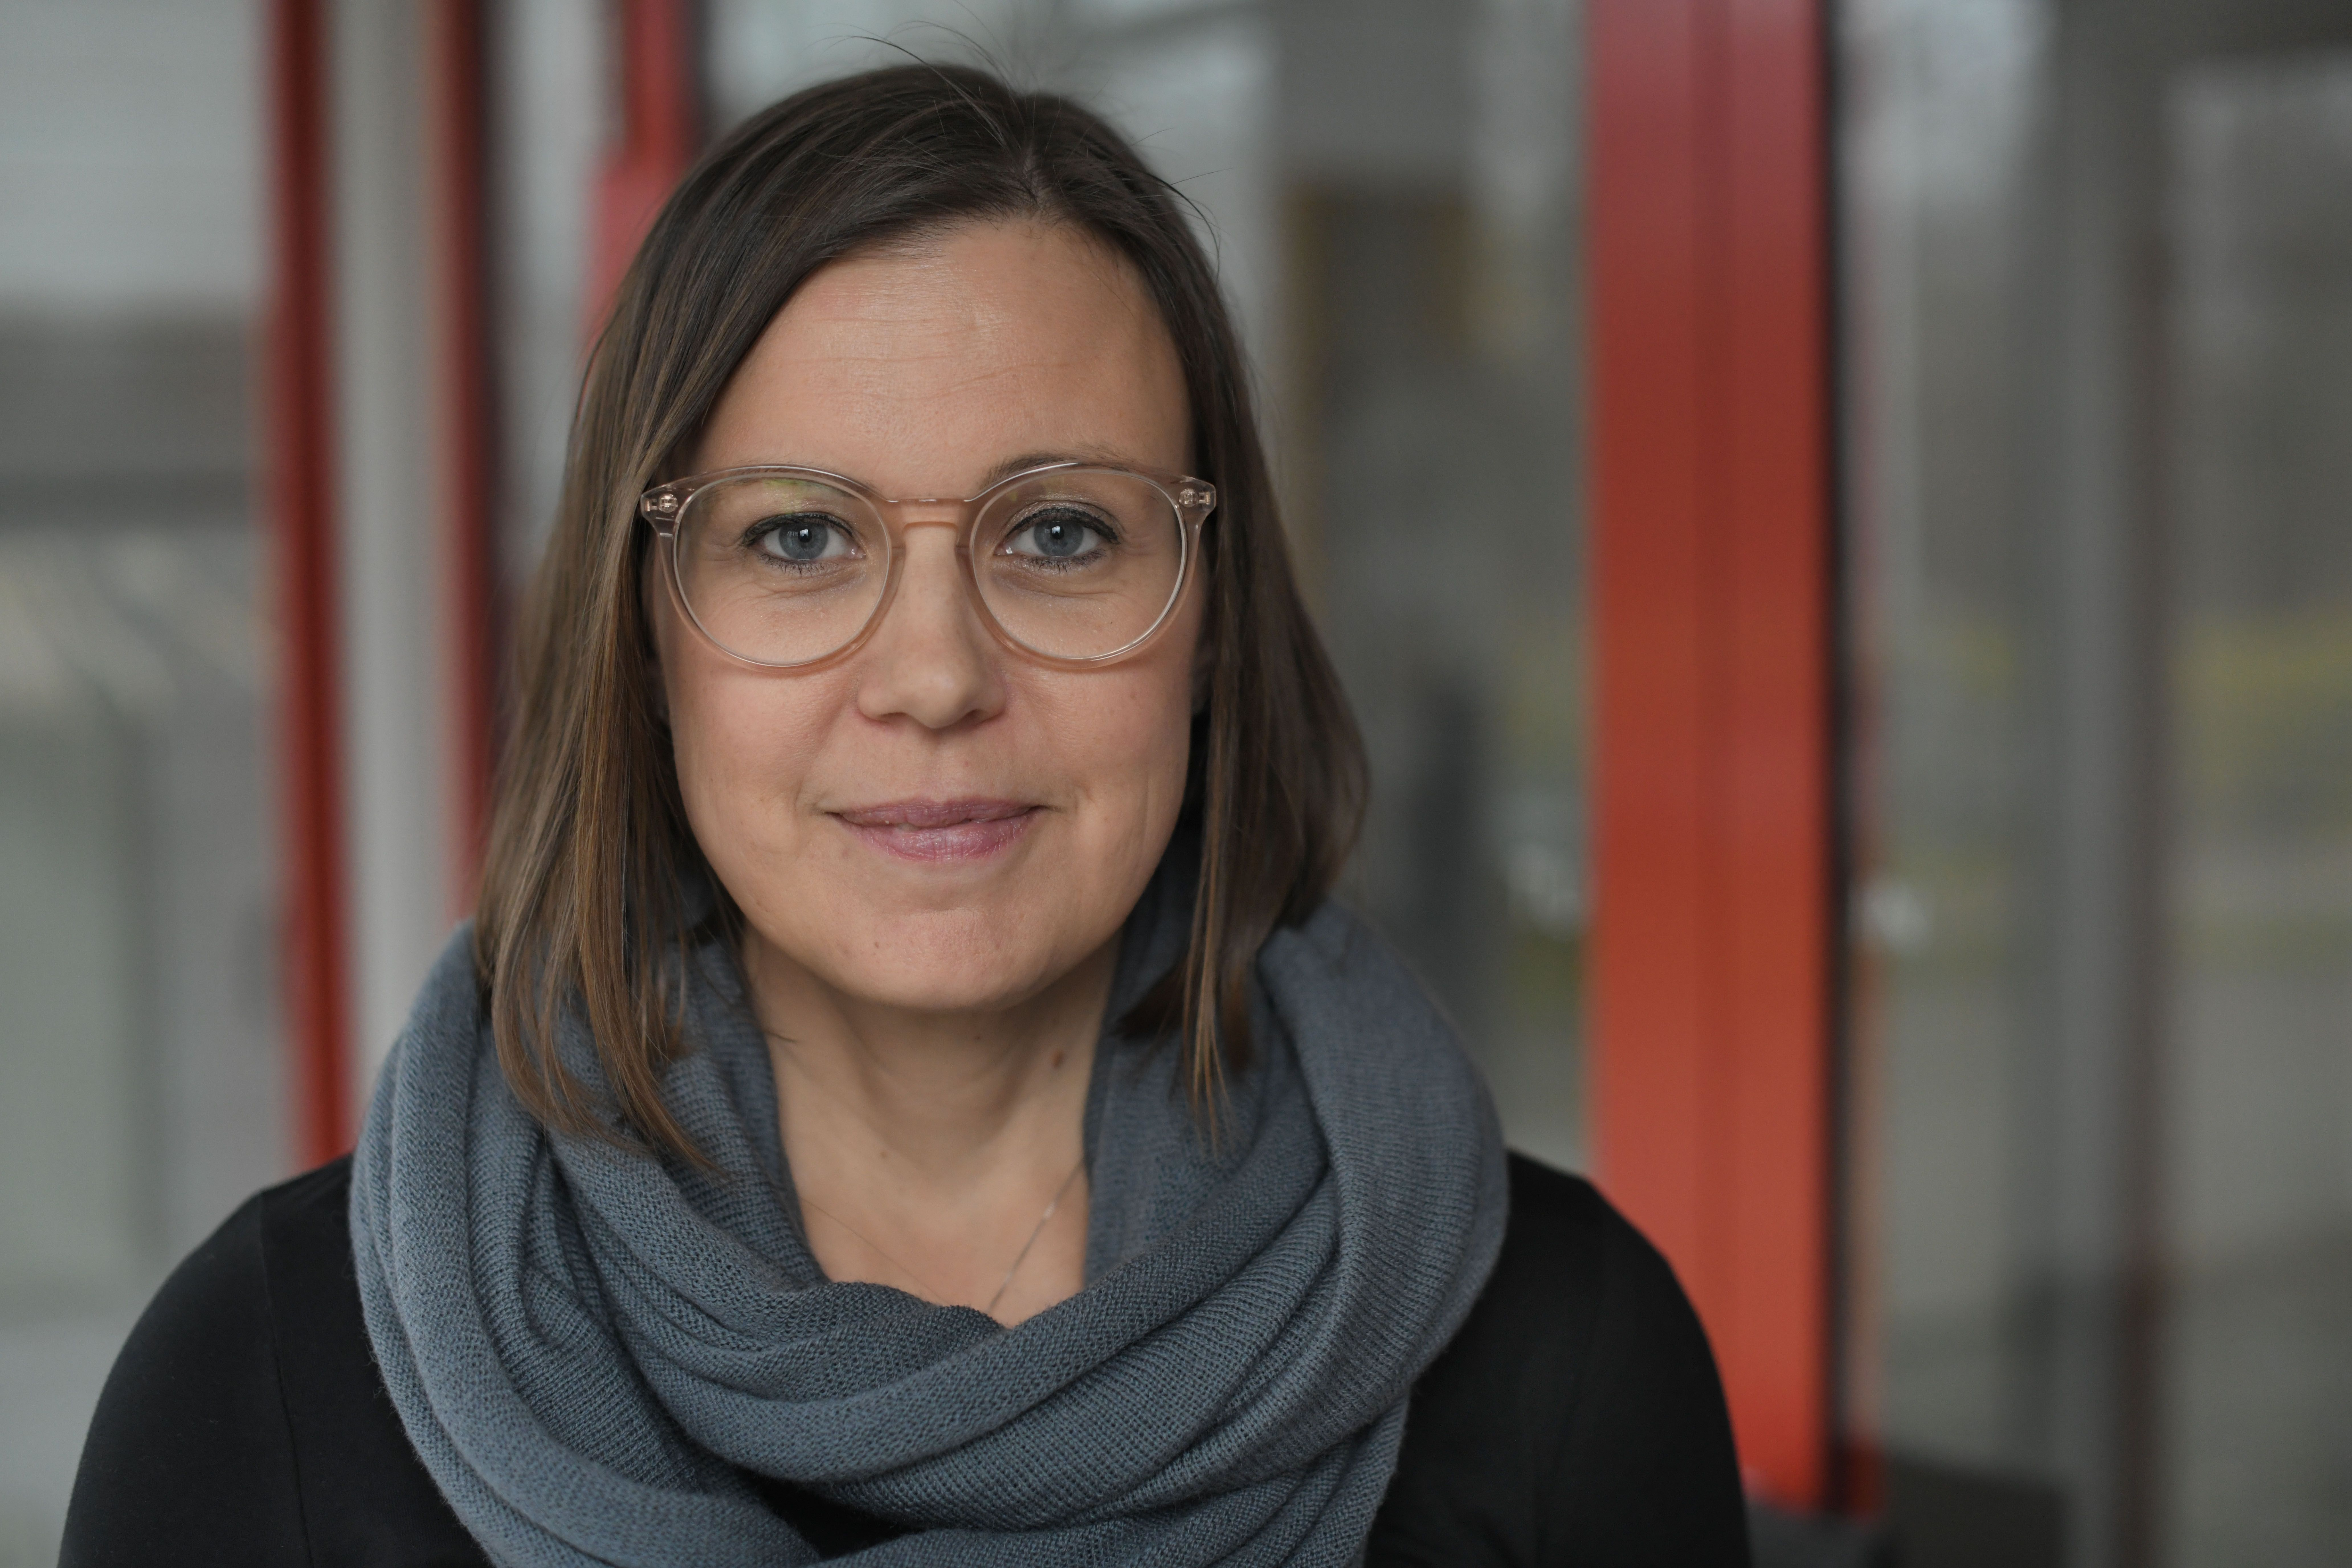 Maria Ahlriksson